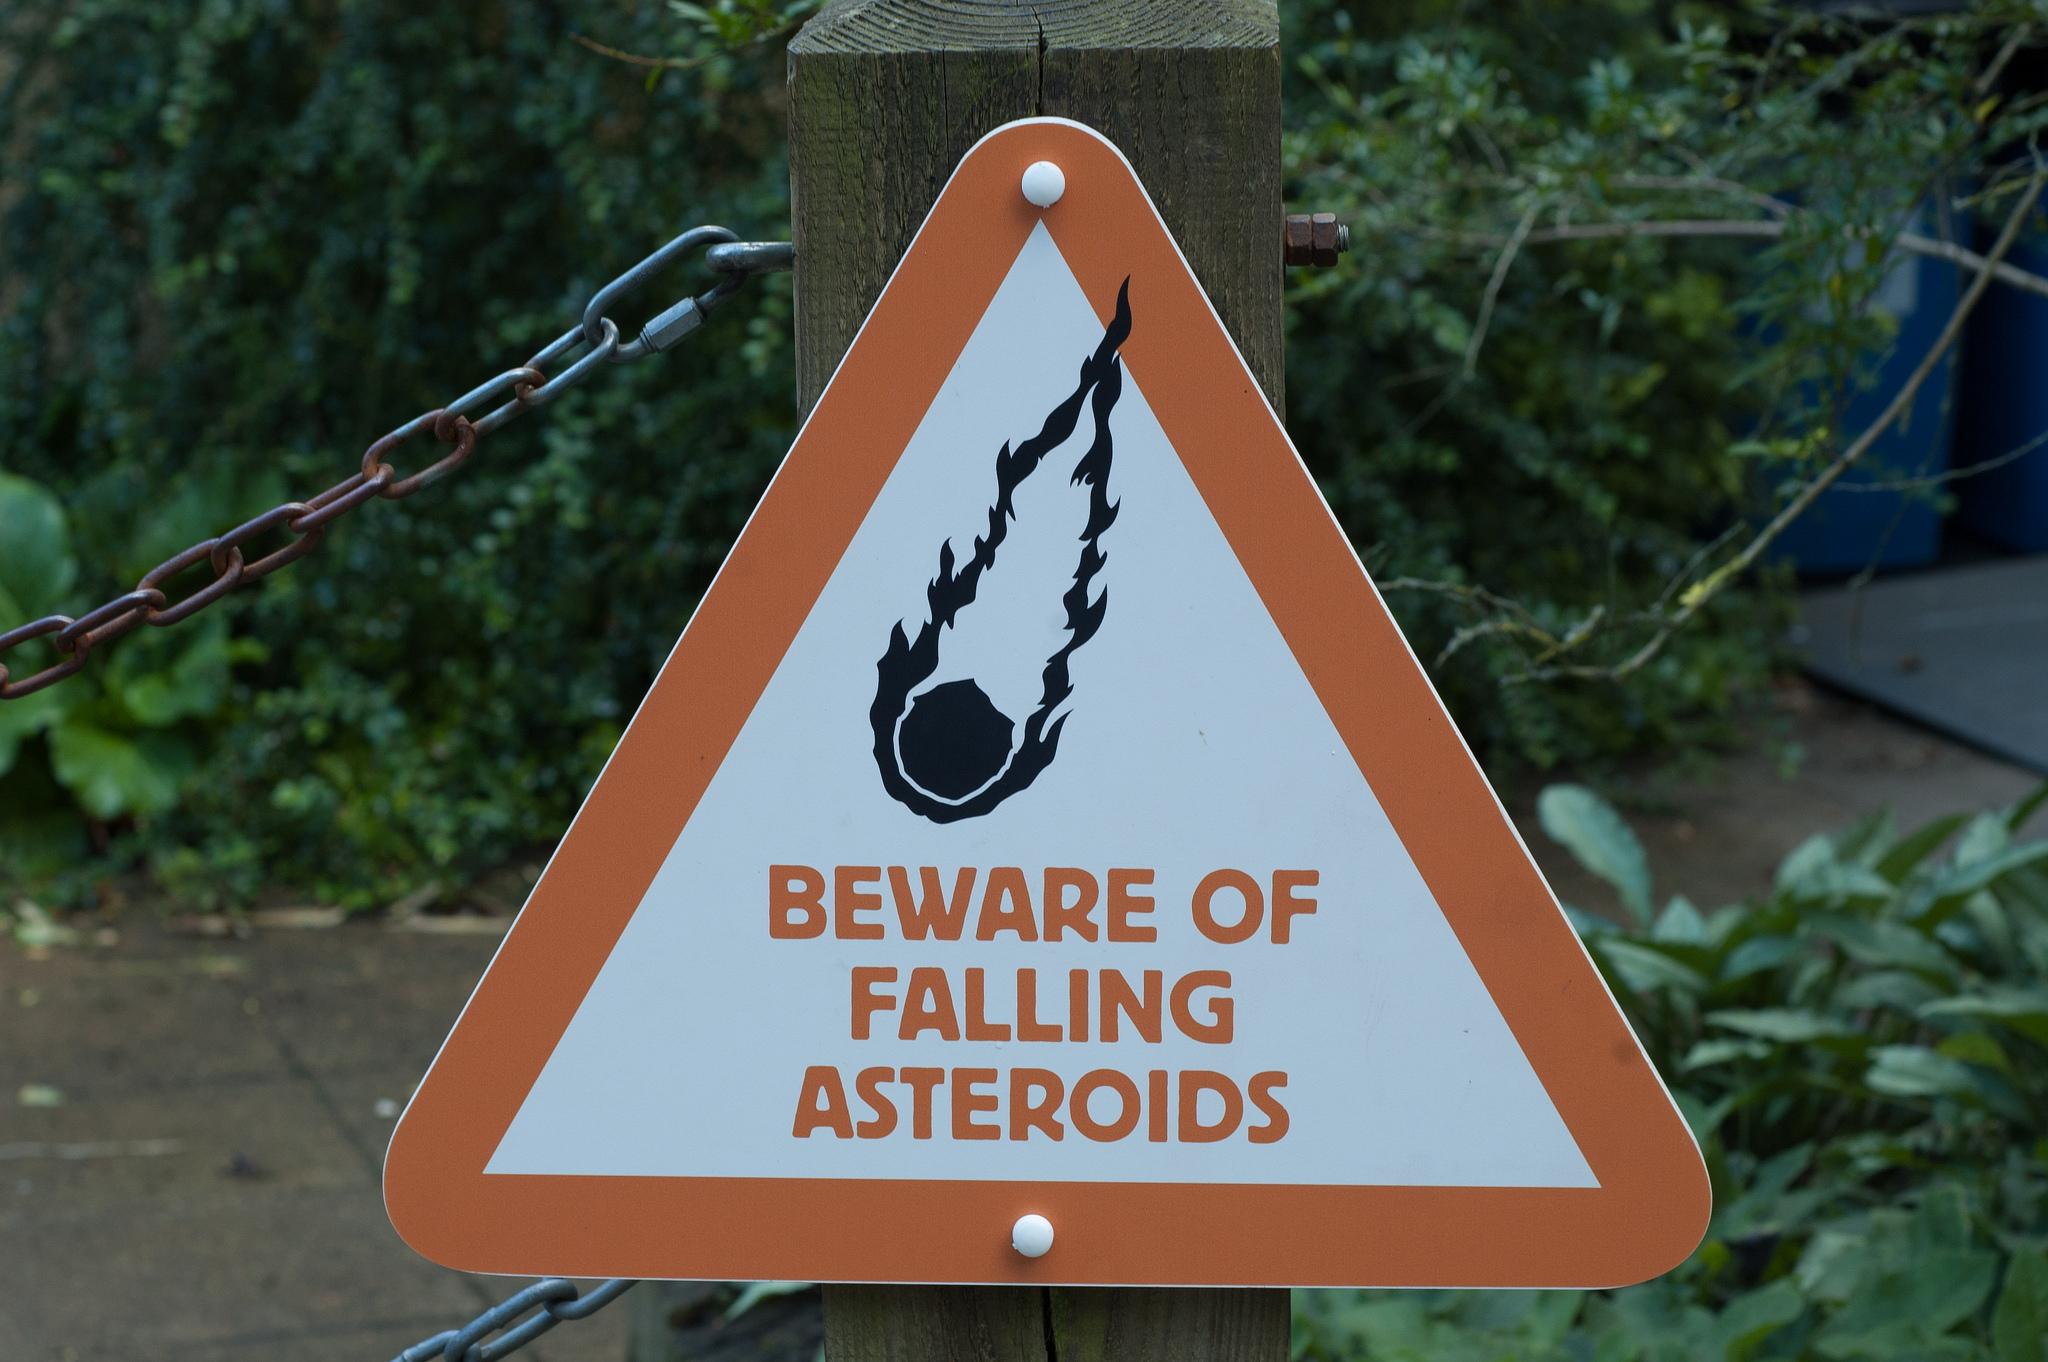 Beware of falling asteroids